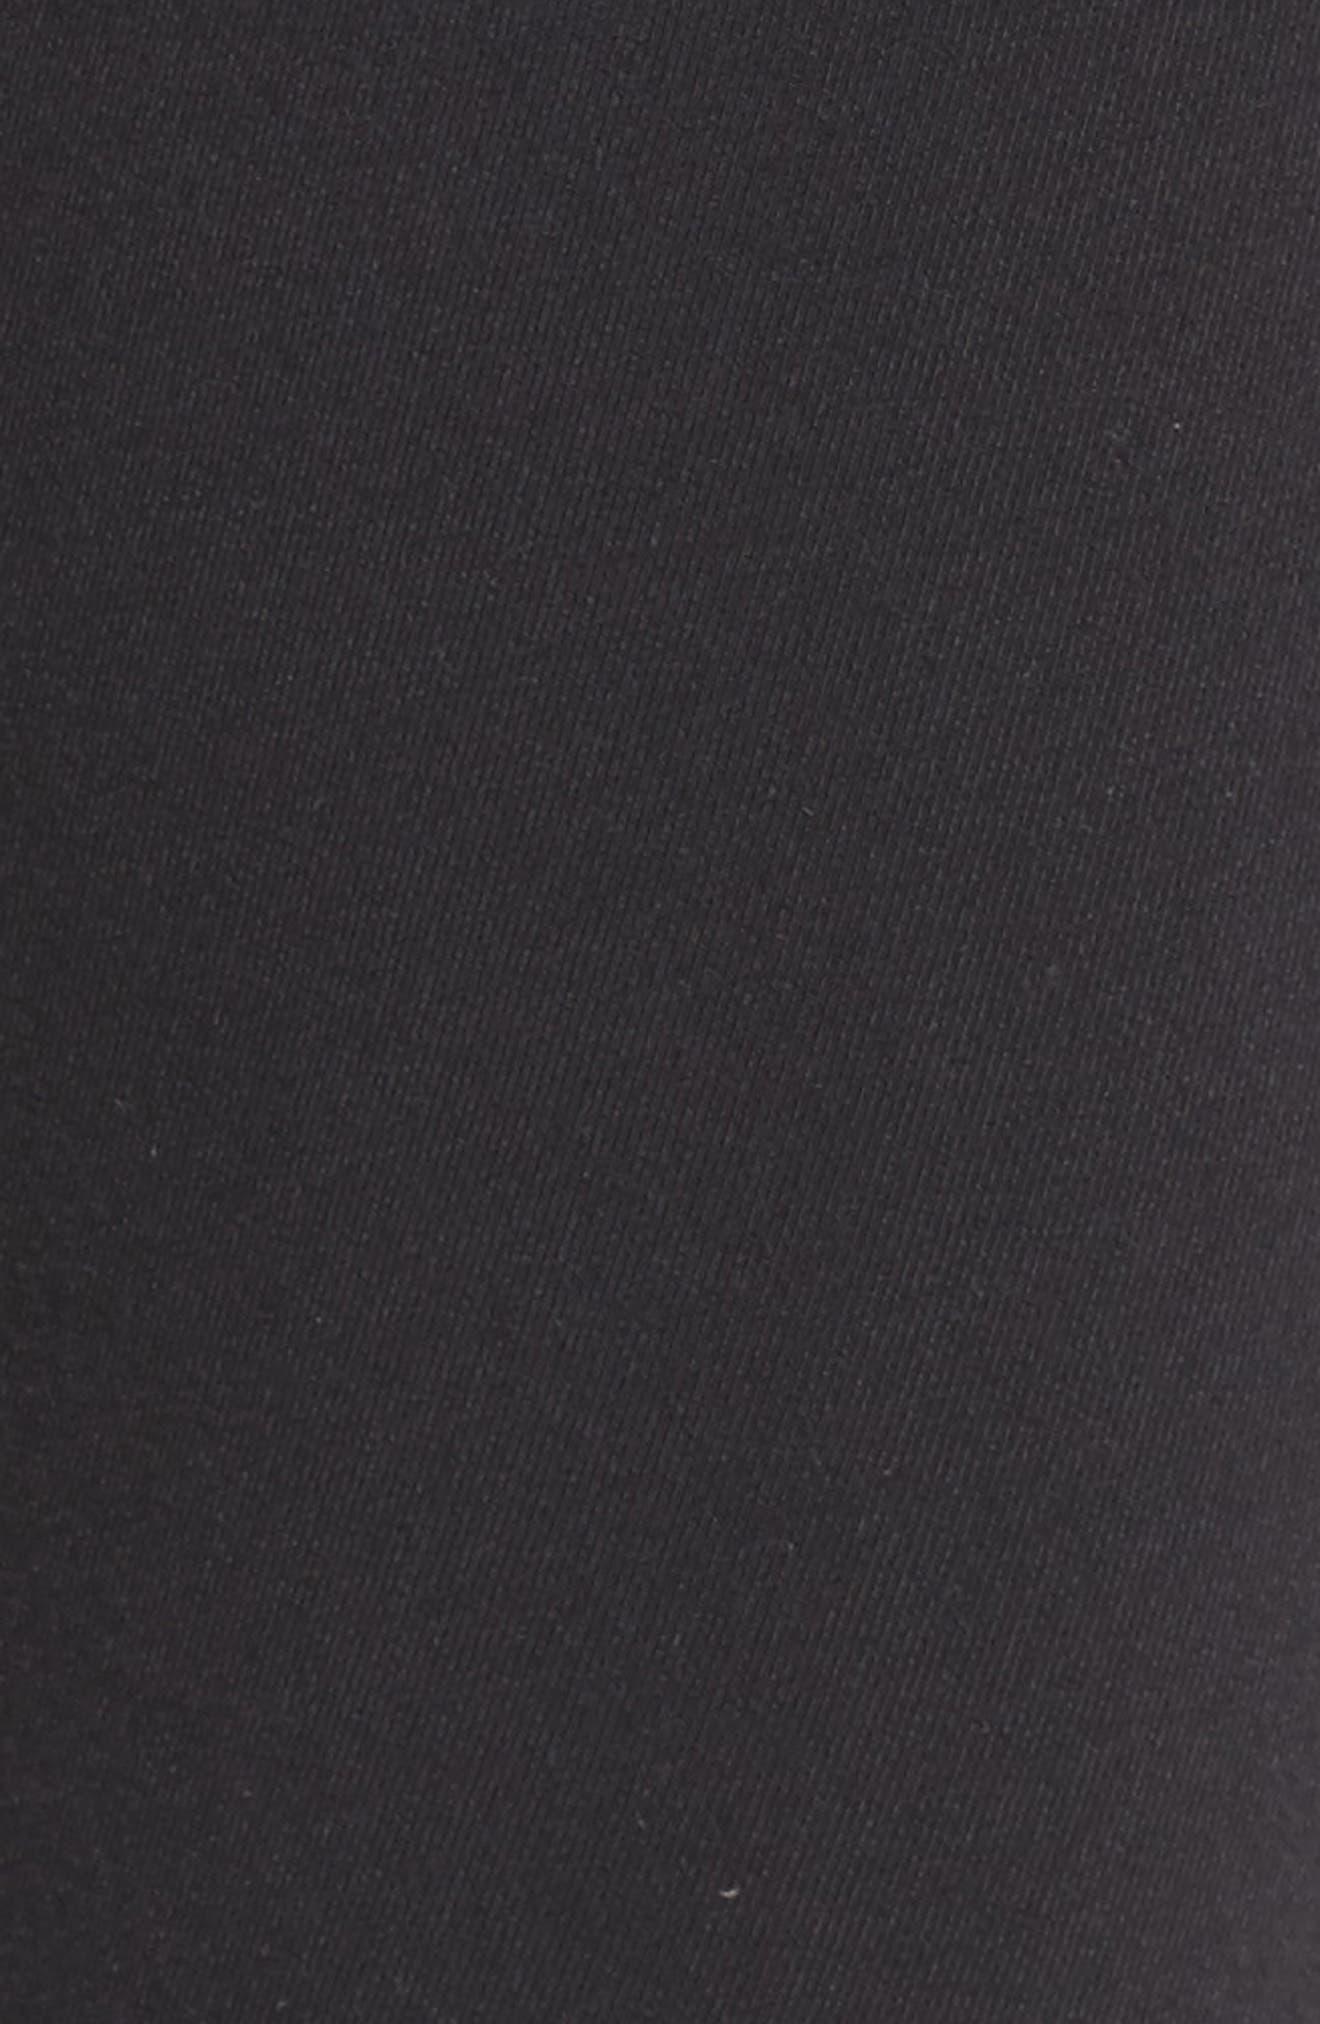 ALO, Goddess High Waist Leggings, Alternate thumbnail 6, color, BLACK/ BLACK